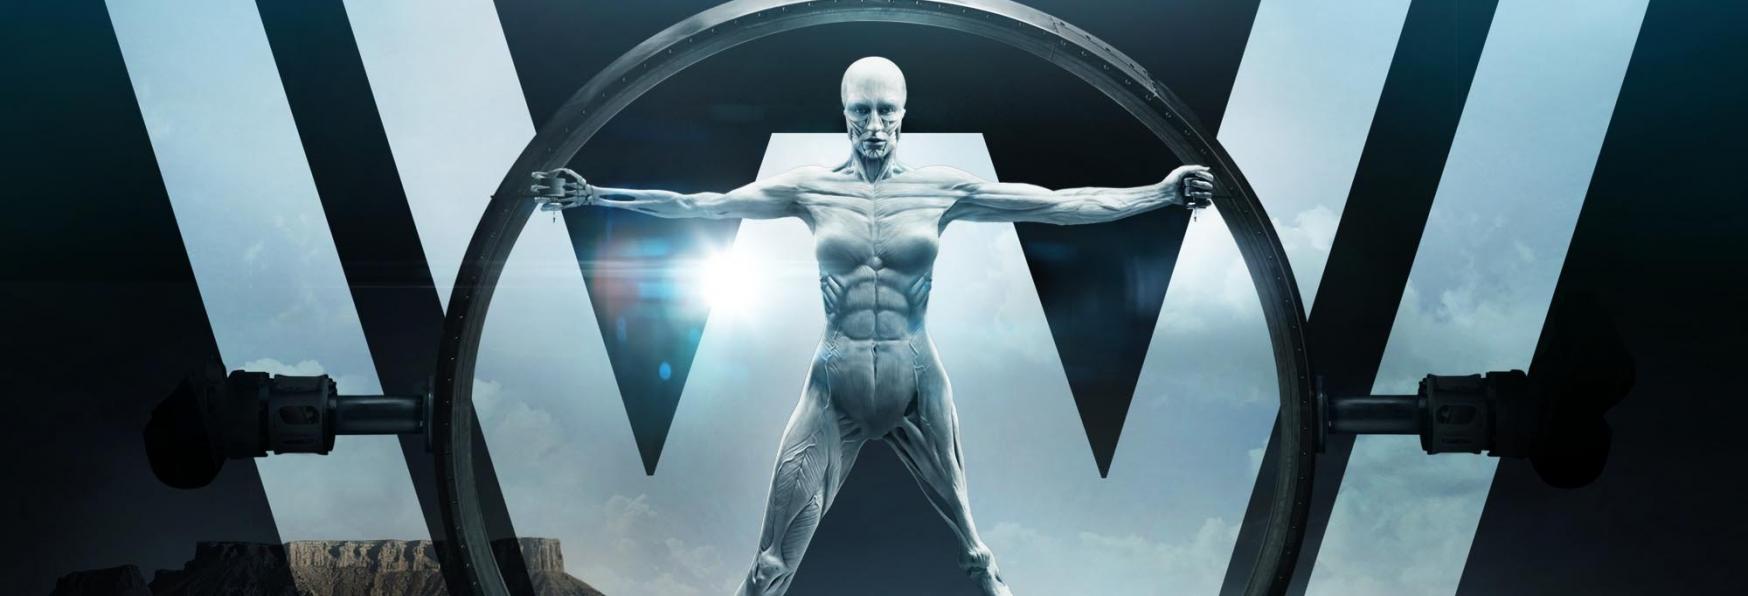 Westworld 4: la Serie viene Rinnovata per una nuova Stagione